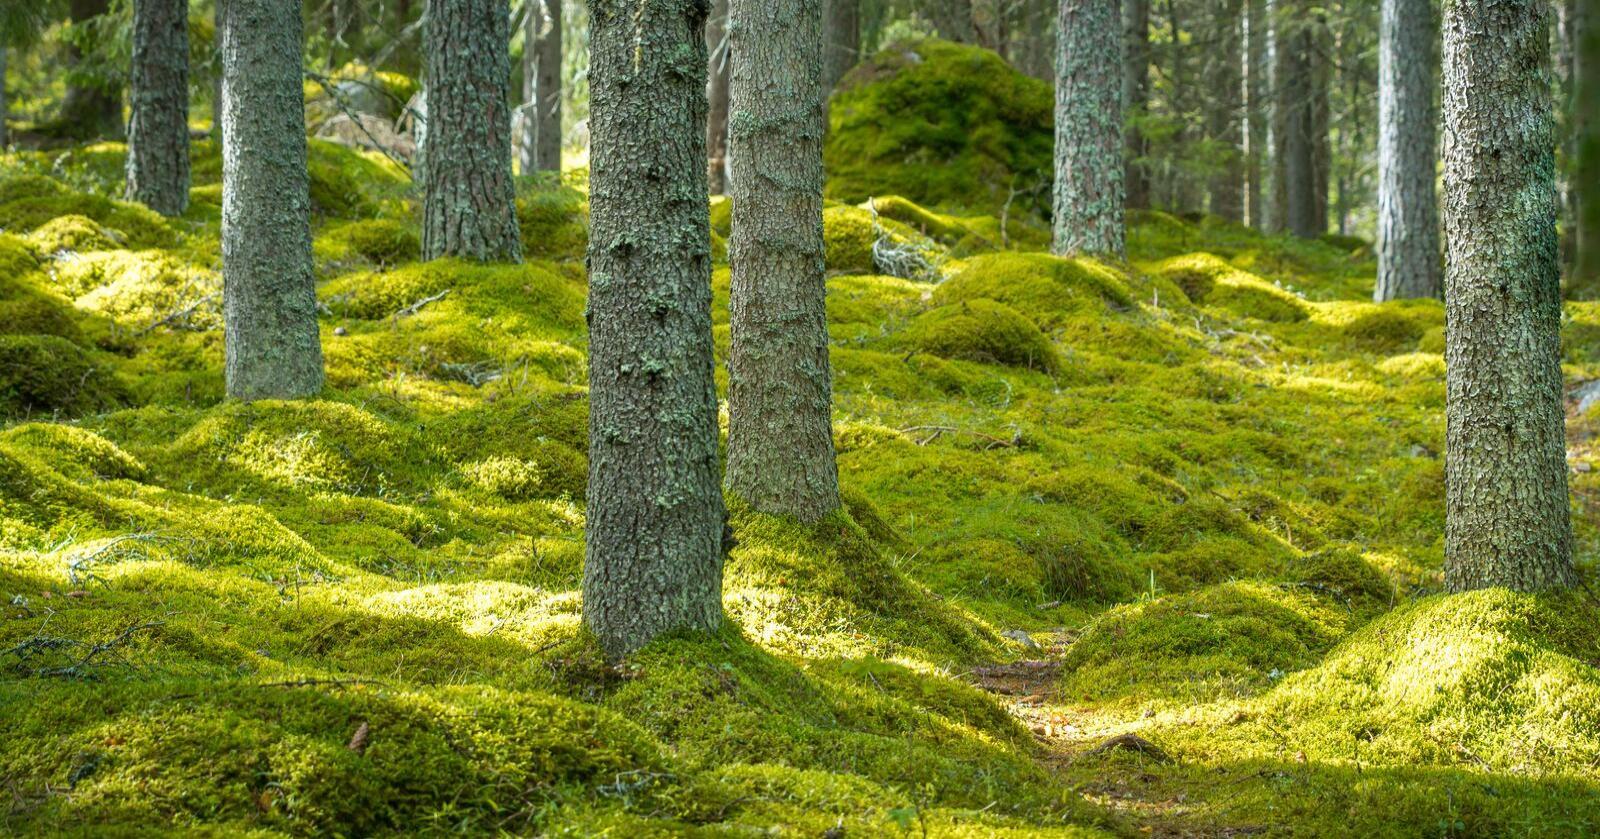 Utfordrer: Vi utfordrer Viken Skog til å legge fram fullstendig dokumentasjon av miljøregistreringene i fire konkrete områder, skriver innsenderne. Foto: Mostphotos